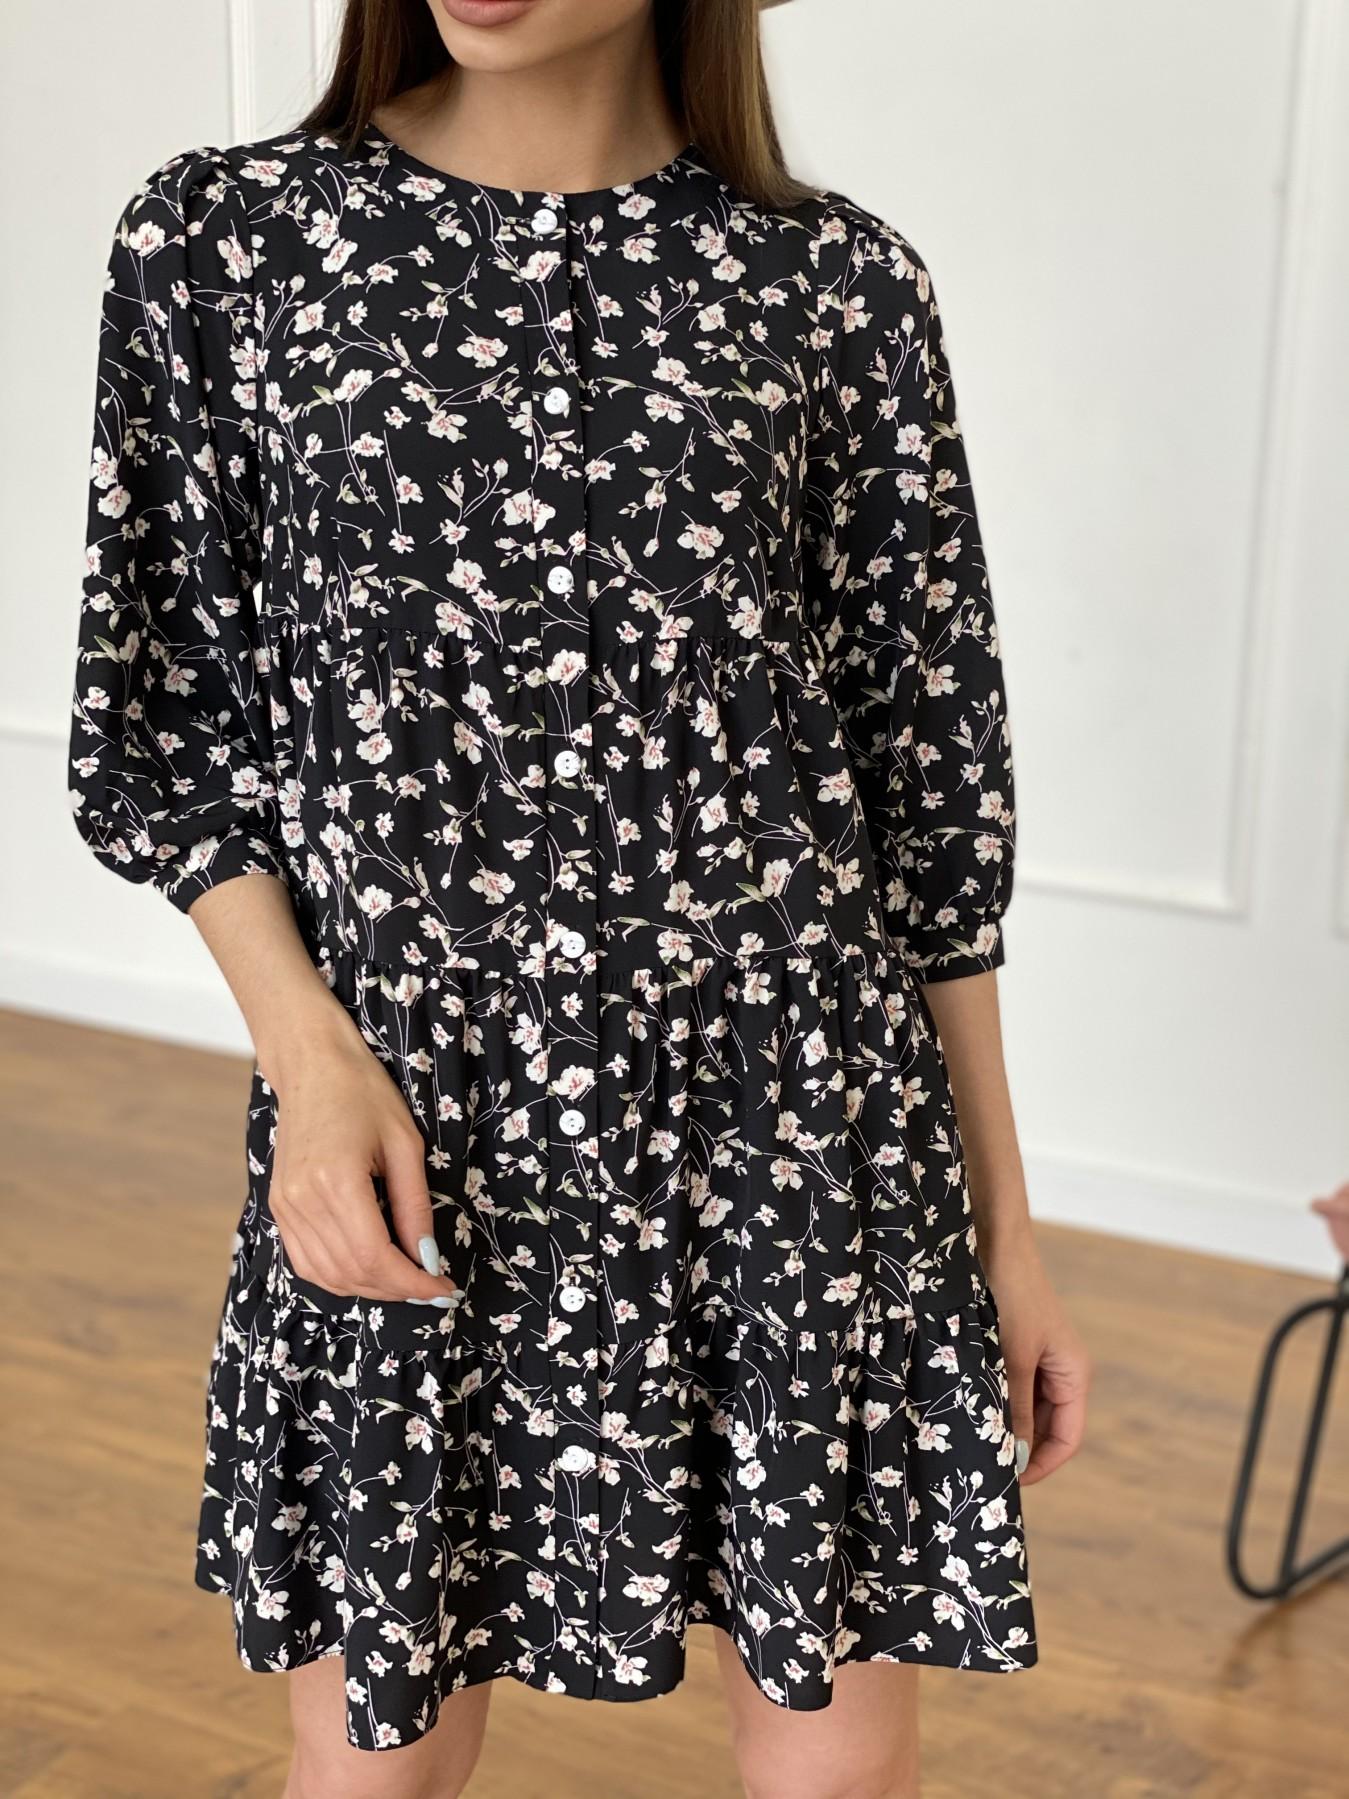 Берри платье из ткани софт в принт 11211 АРТ. 47723 Цвет: Черный/молоко, Цветы - фото 10, интернет магазин tm-modus.ru